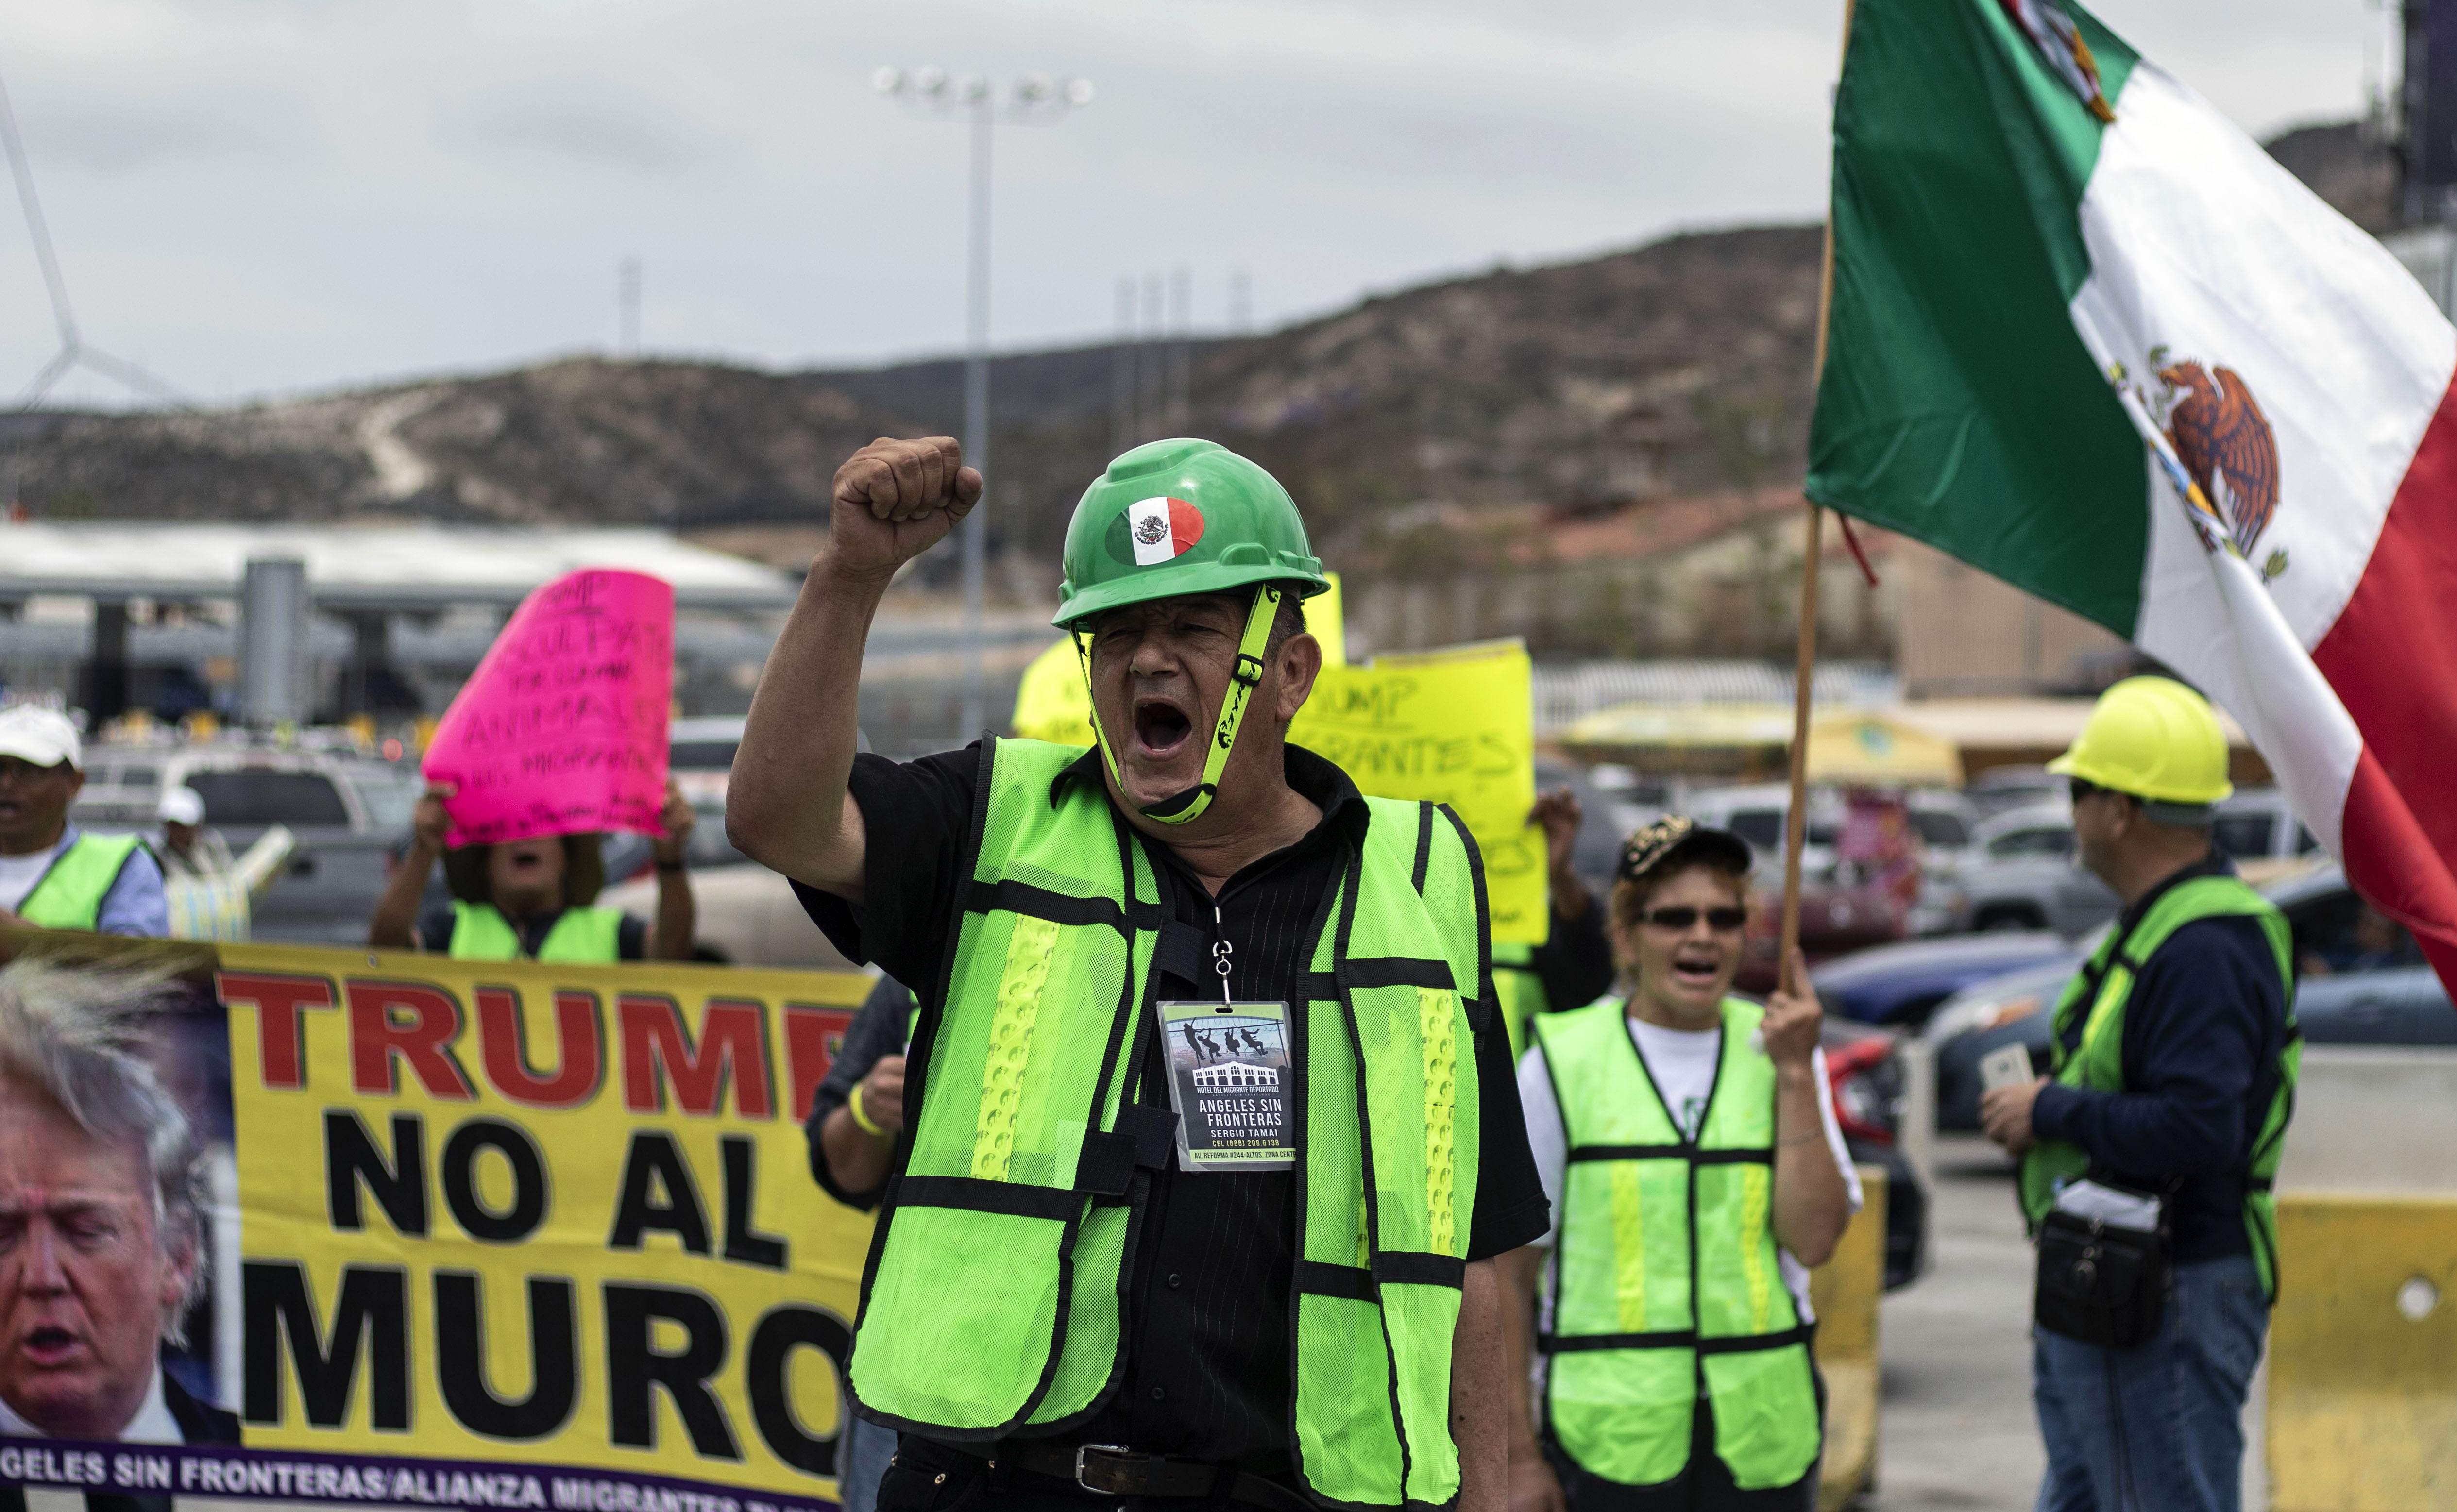 مظاهرة فى المكسيك ضد سياسات ترامب